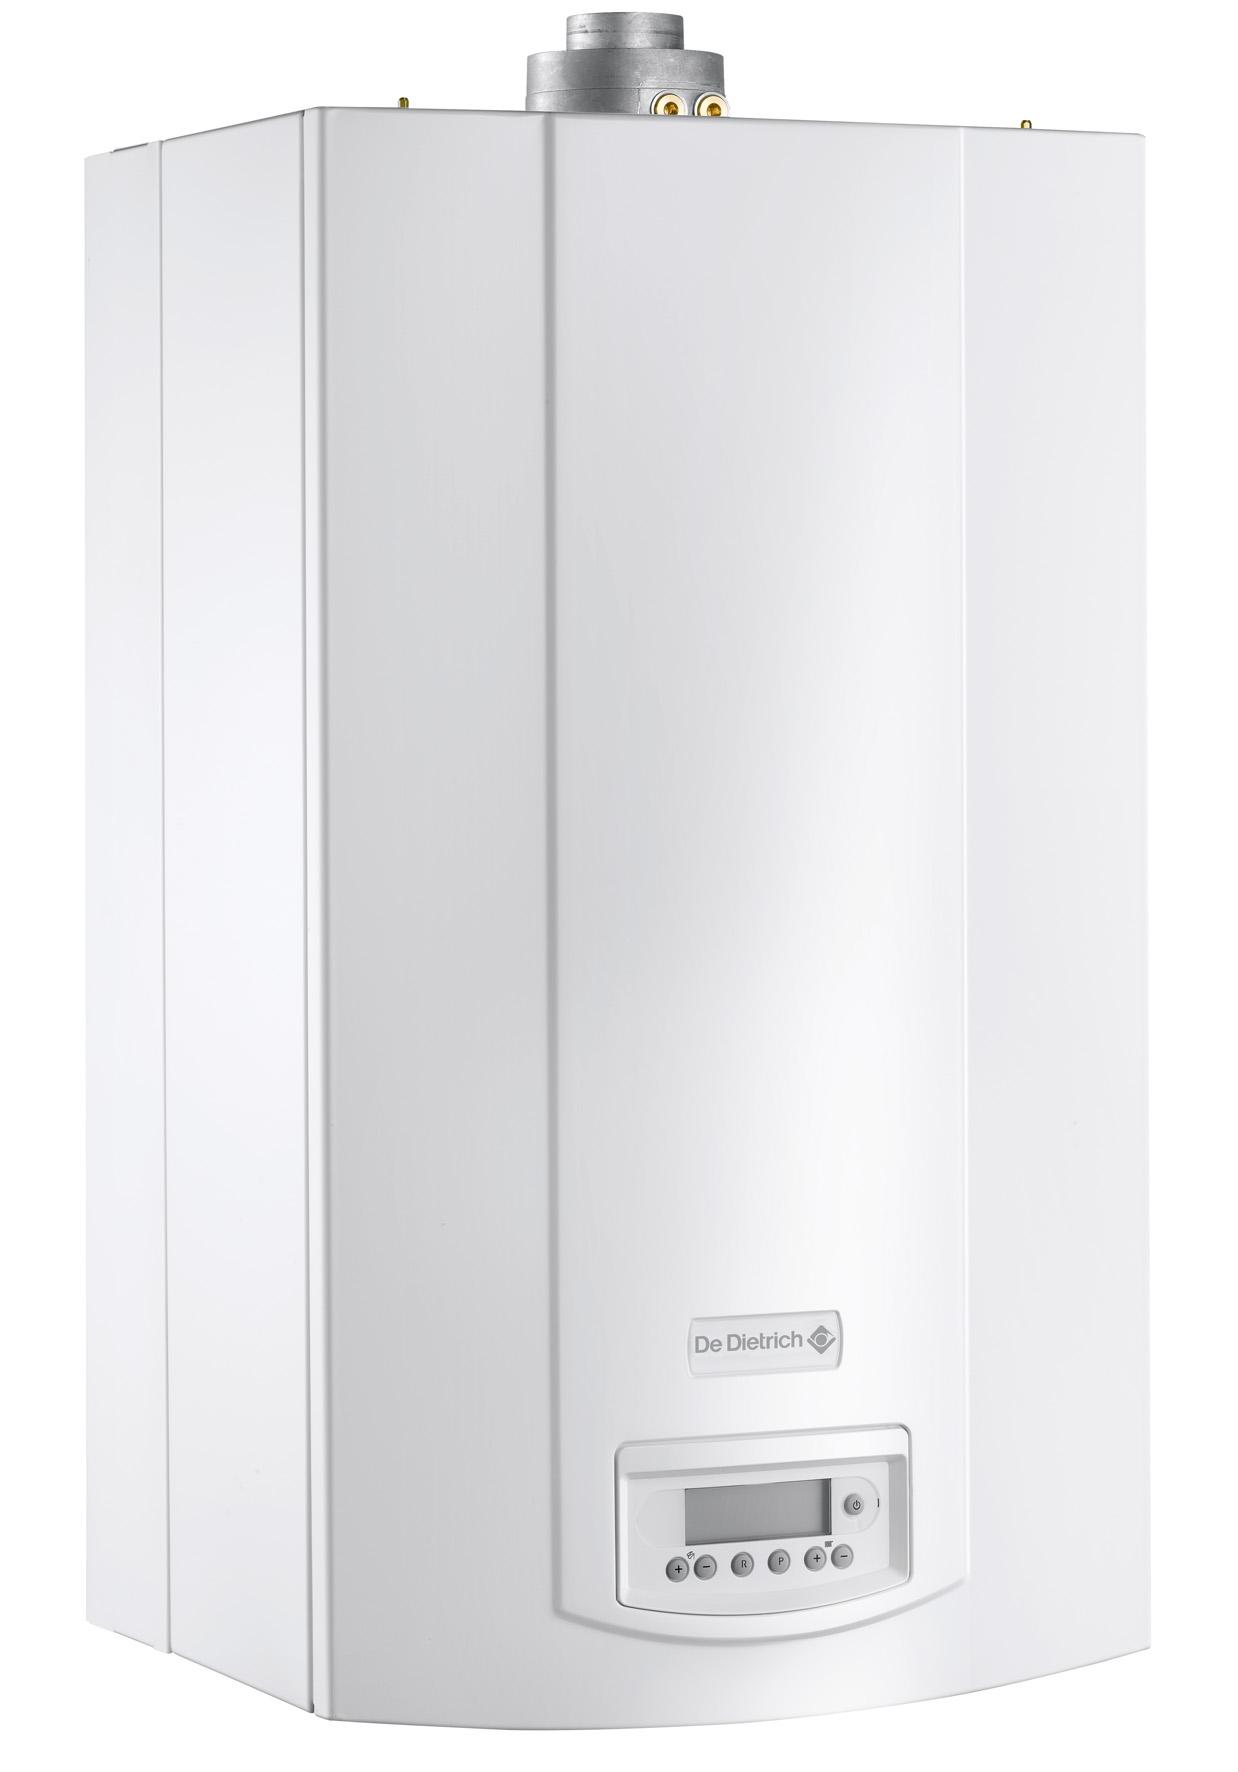 Сегодня двухконтурные газовые котлы для отопления гарантируют нагрев частного дома, дачи или квартиры площадью от 50 м2.